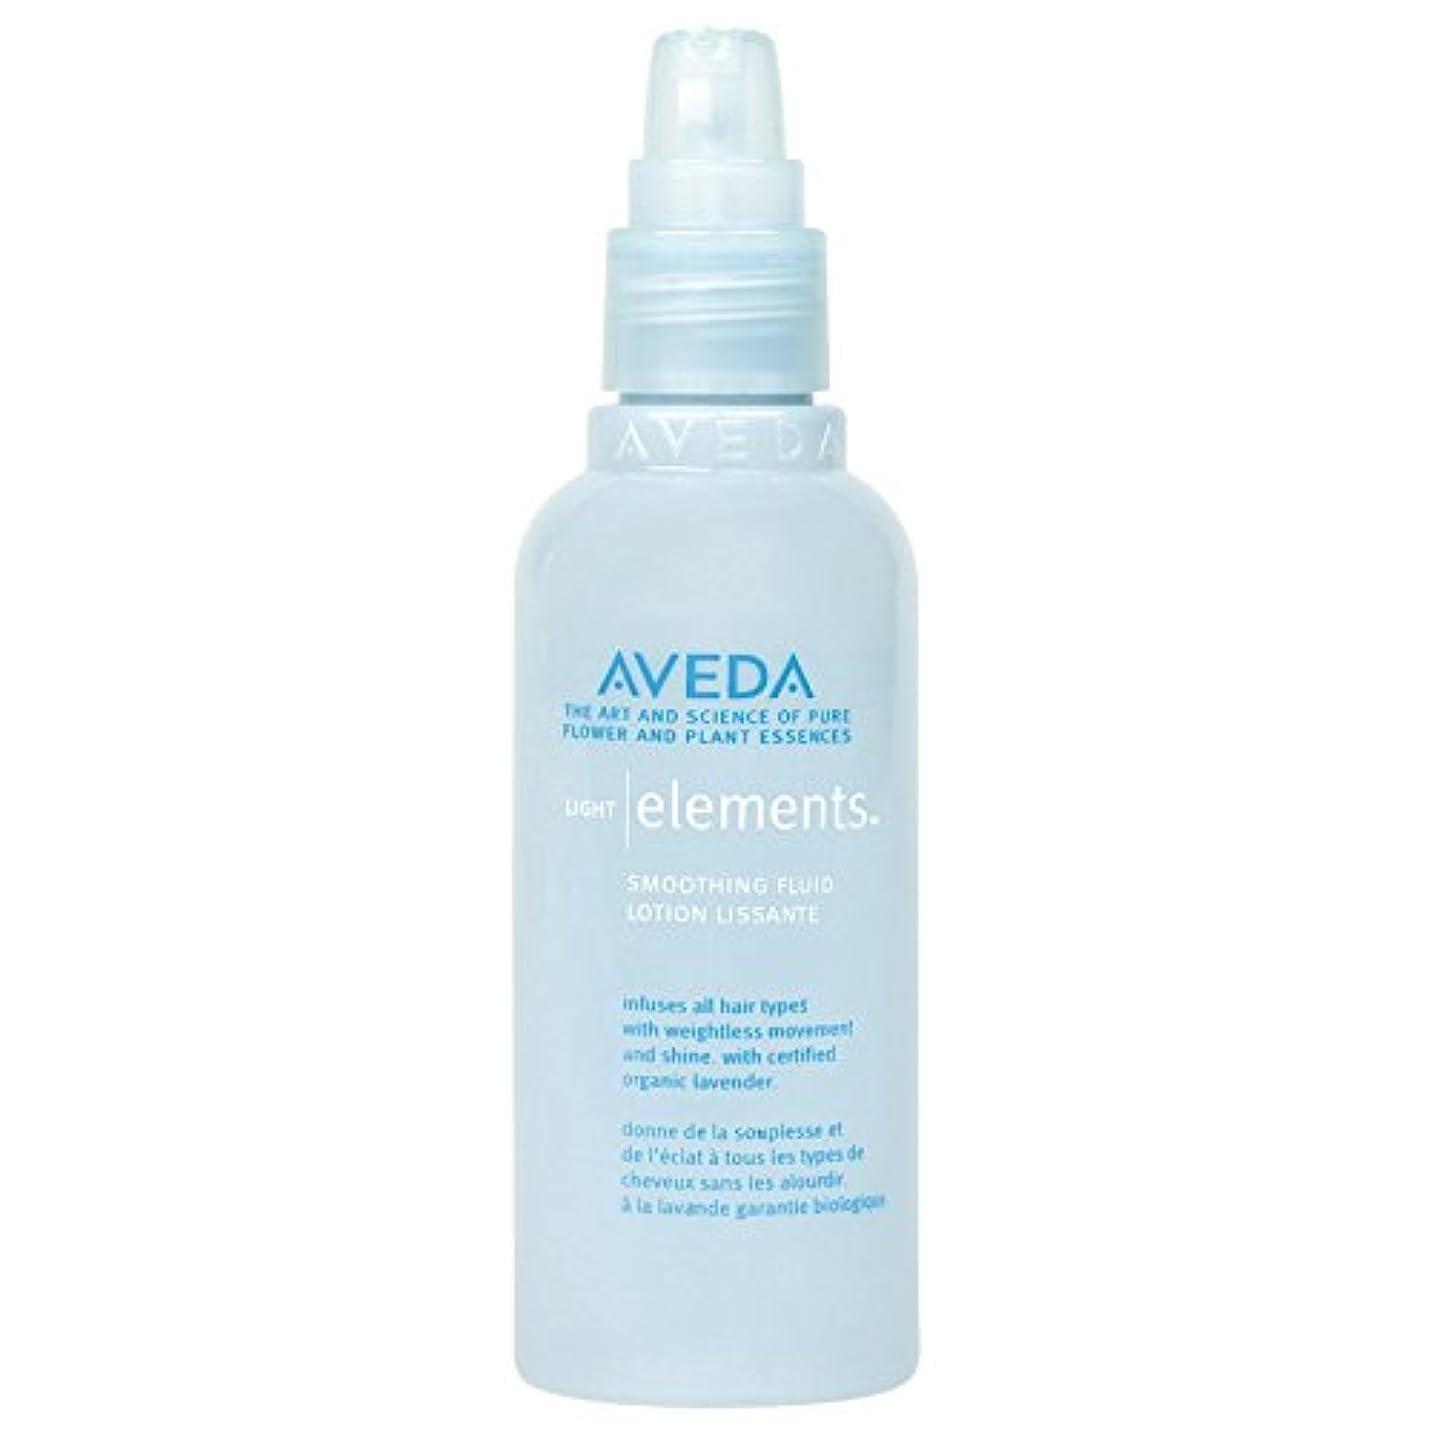 バングラデシュスタック発信[AVEDA] 流体100ミリリットルを平滑アヴェダ光素子 - Aveda Light Elements Smoothing Fluid 100ml [並行輸入品]